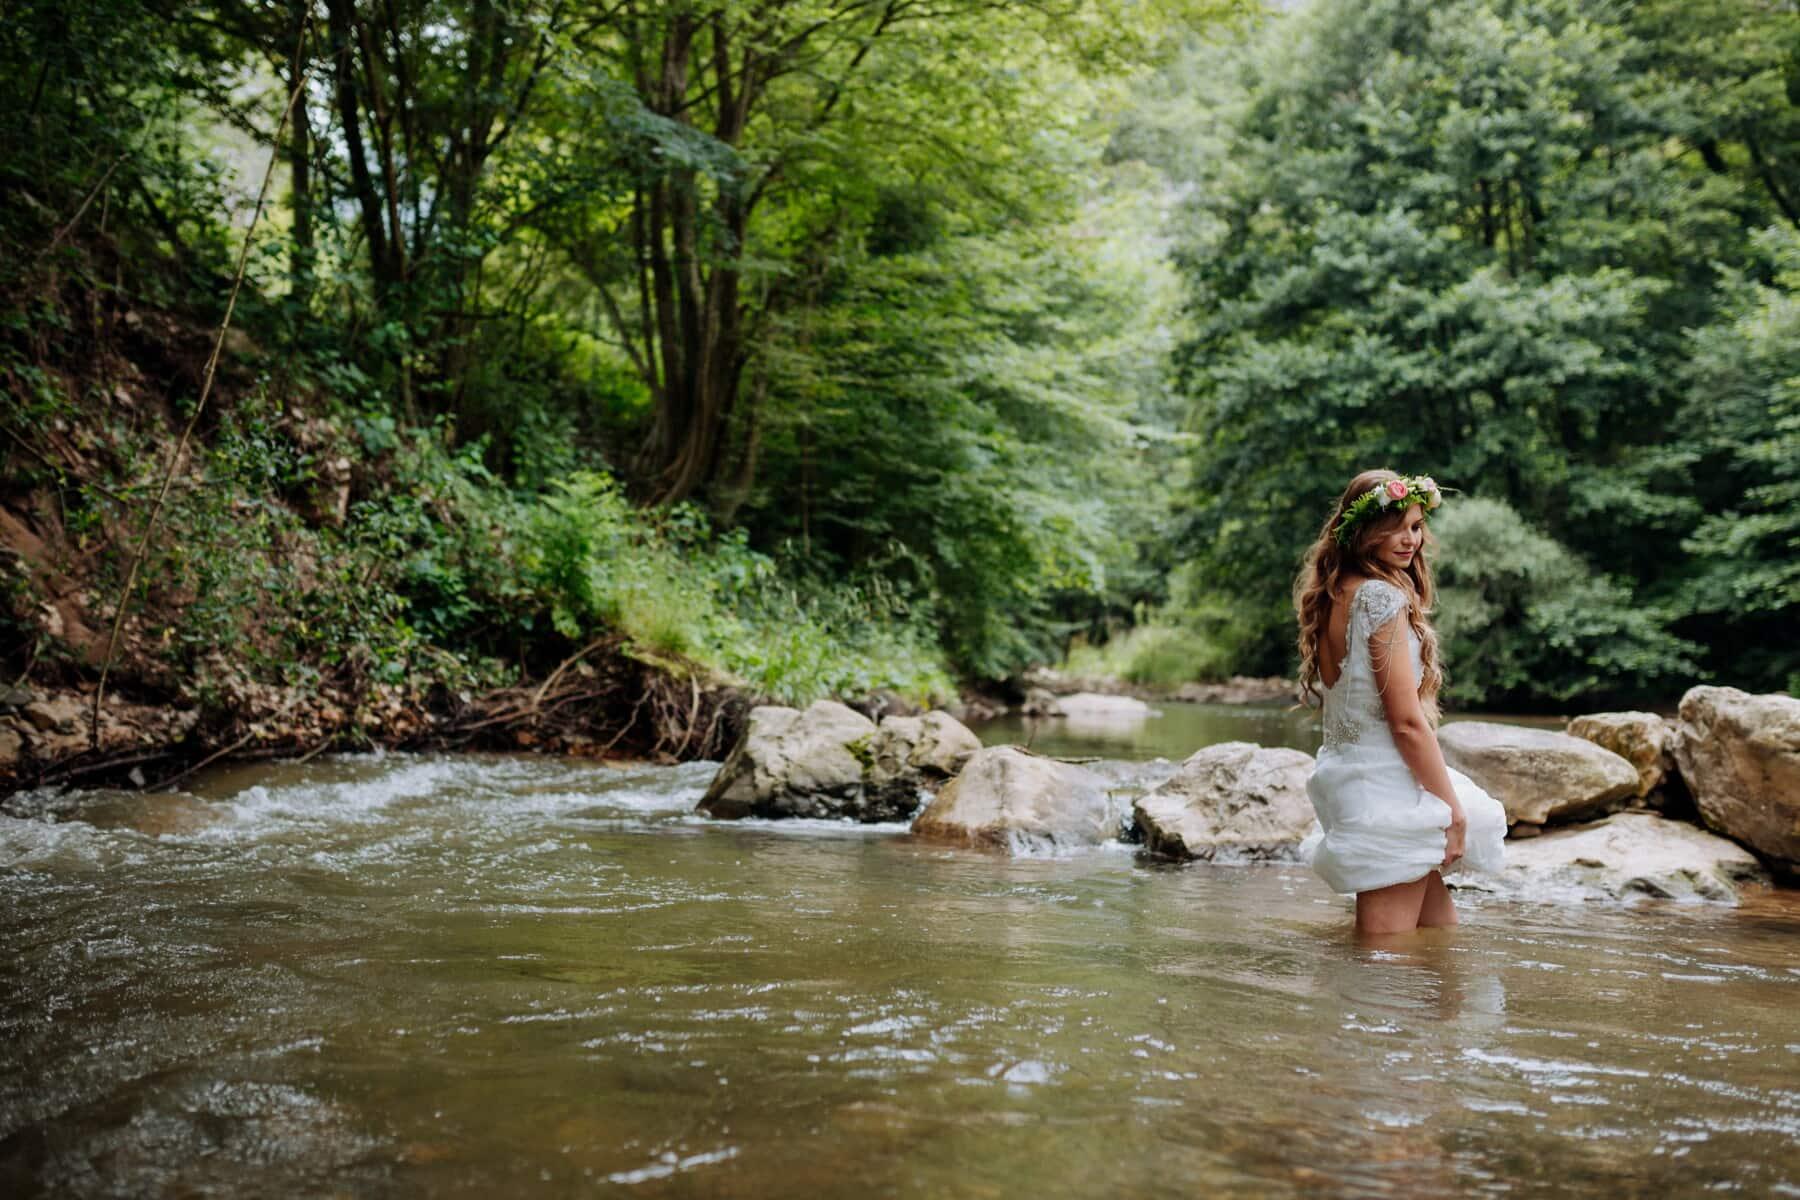 Jolie fille, jeune femme, eau froide, rivière, Tableau de concordance, déesse, eau, forêt, bois, nature